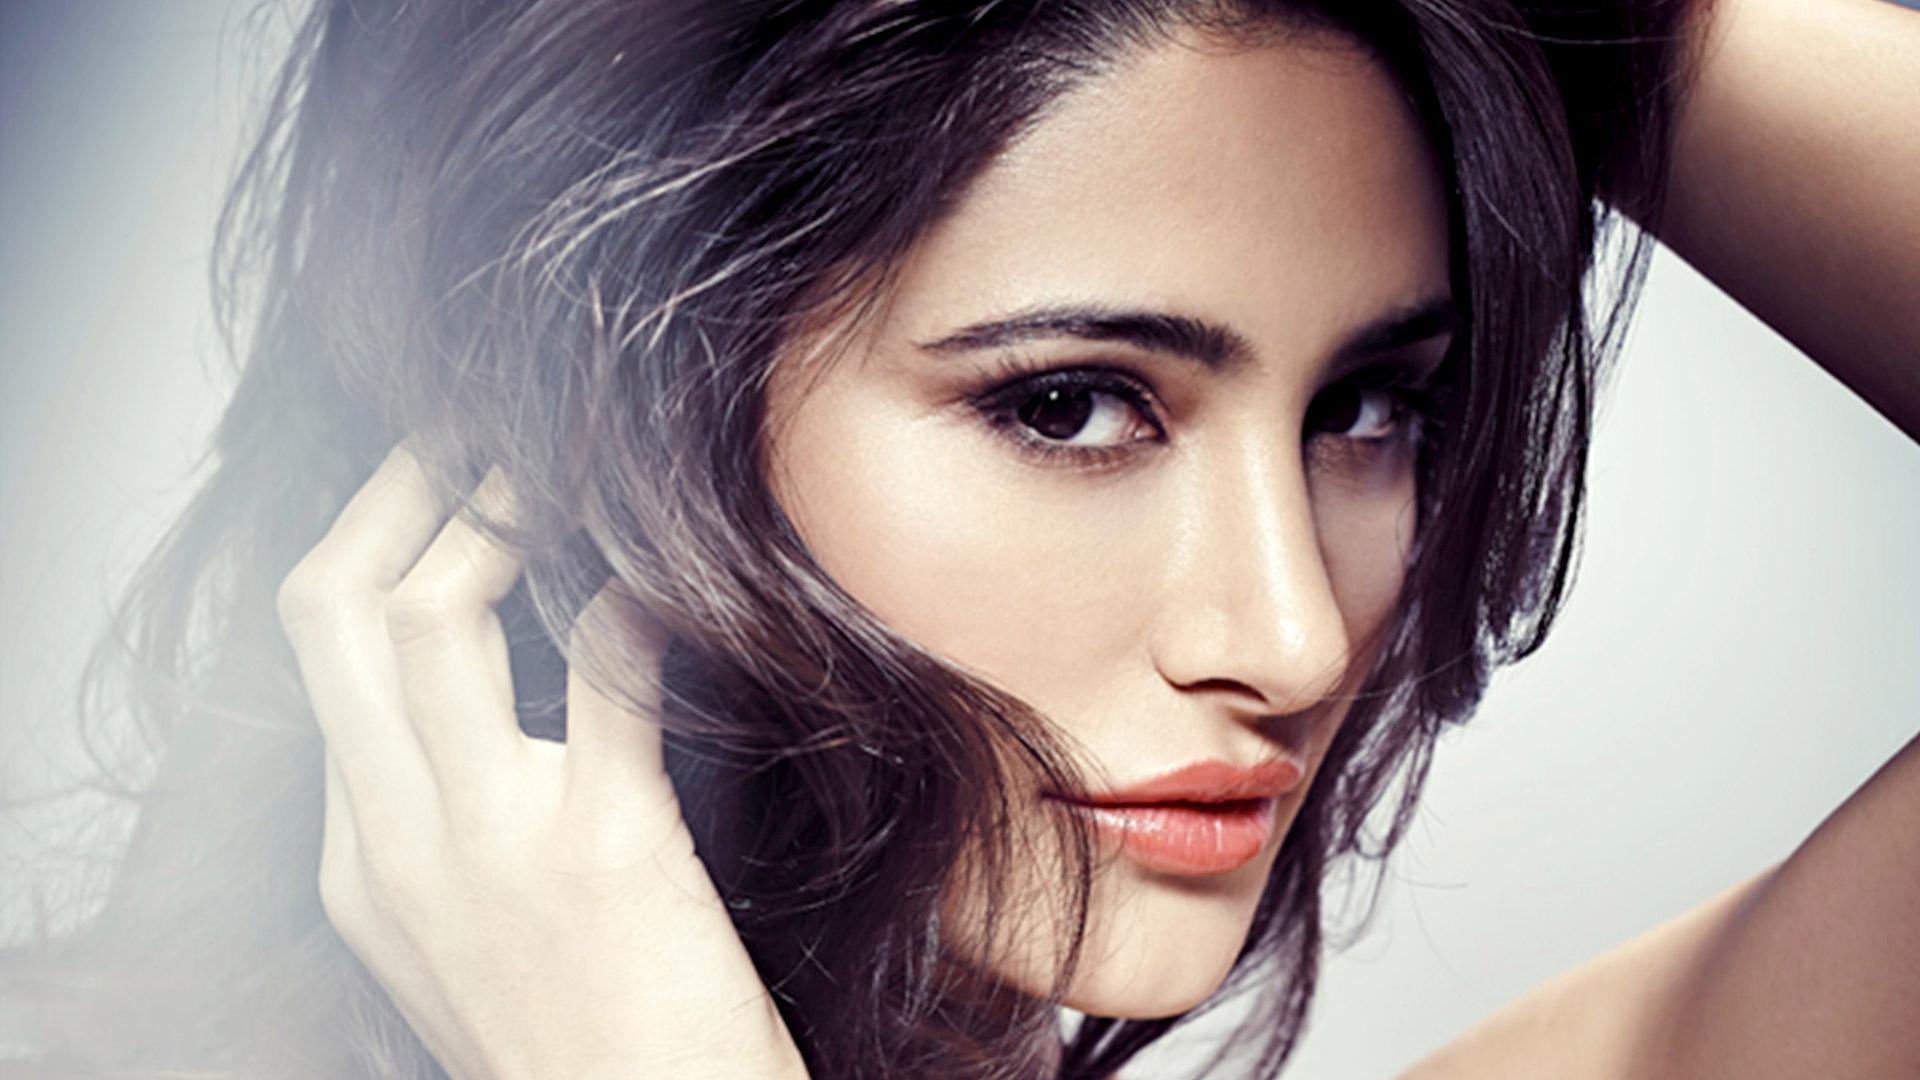 Celebrities Hd Wallpaper Download Nargis Fakhri Hd: Nargis Fakhri Sexi Pics Wallpaper, HD Indian Celebrities